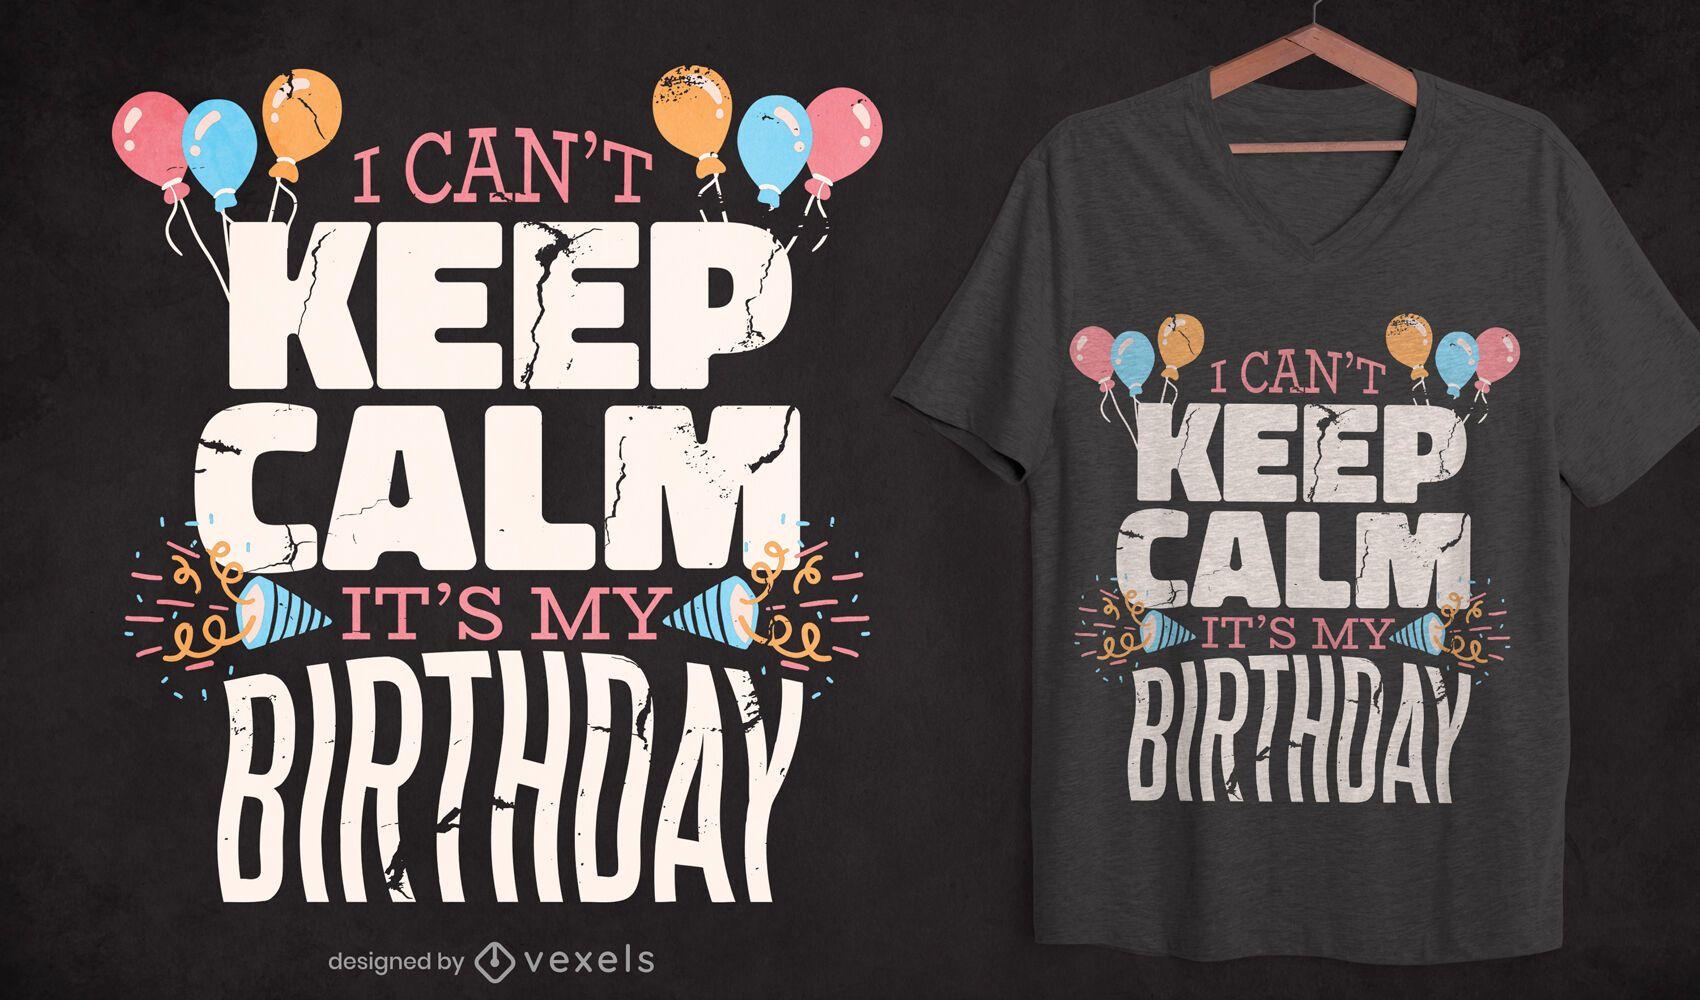 Aniversário, mantenha a calma, design de t-shirt